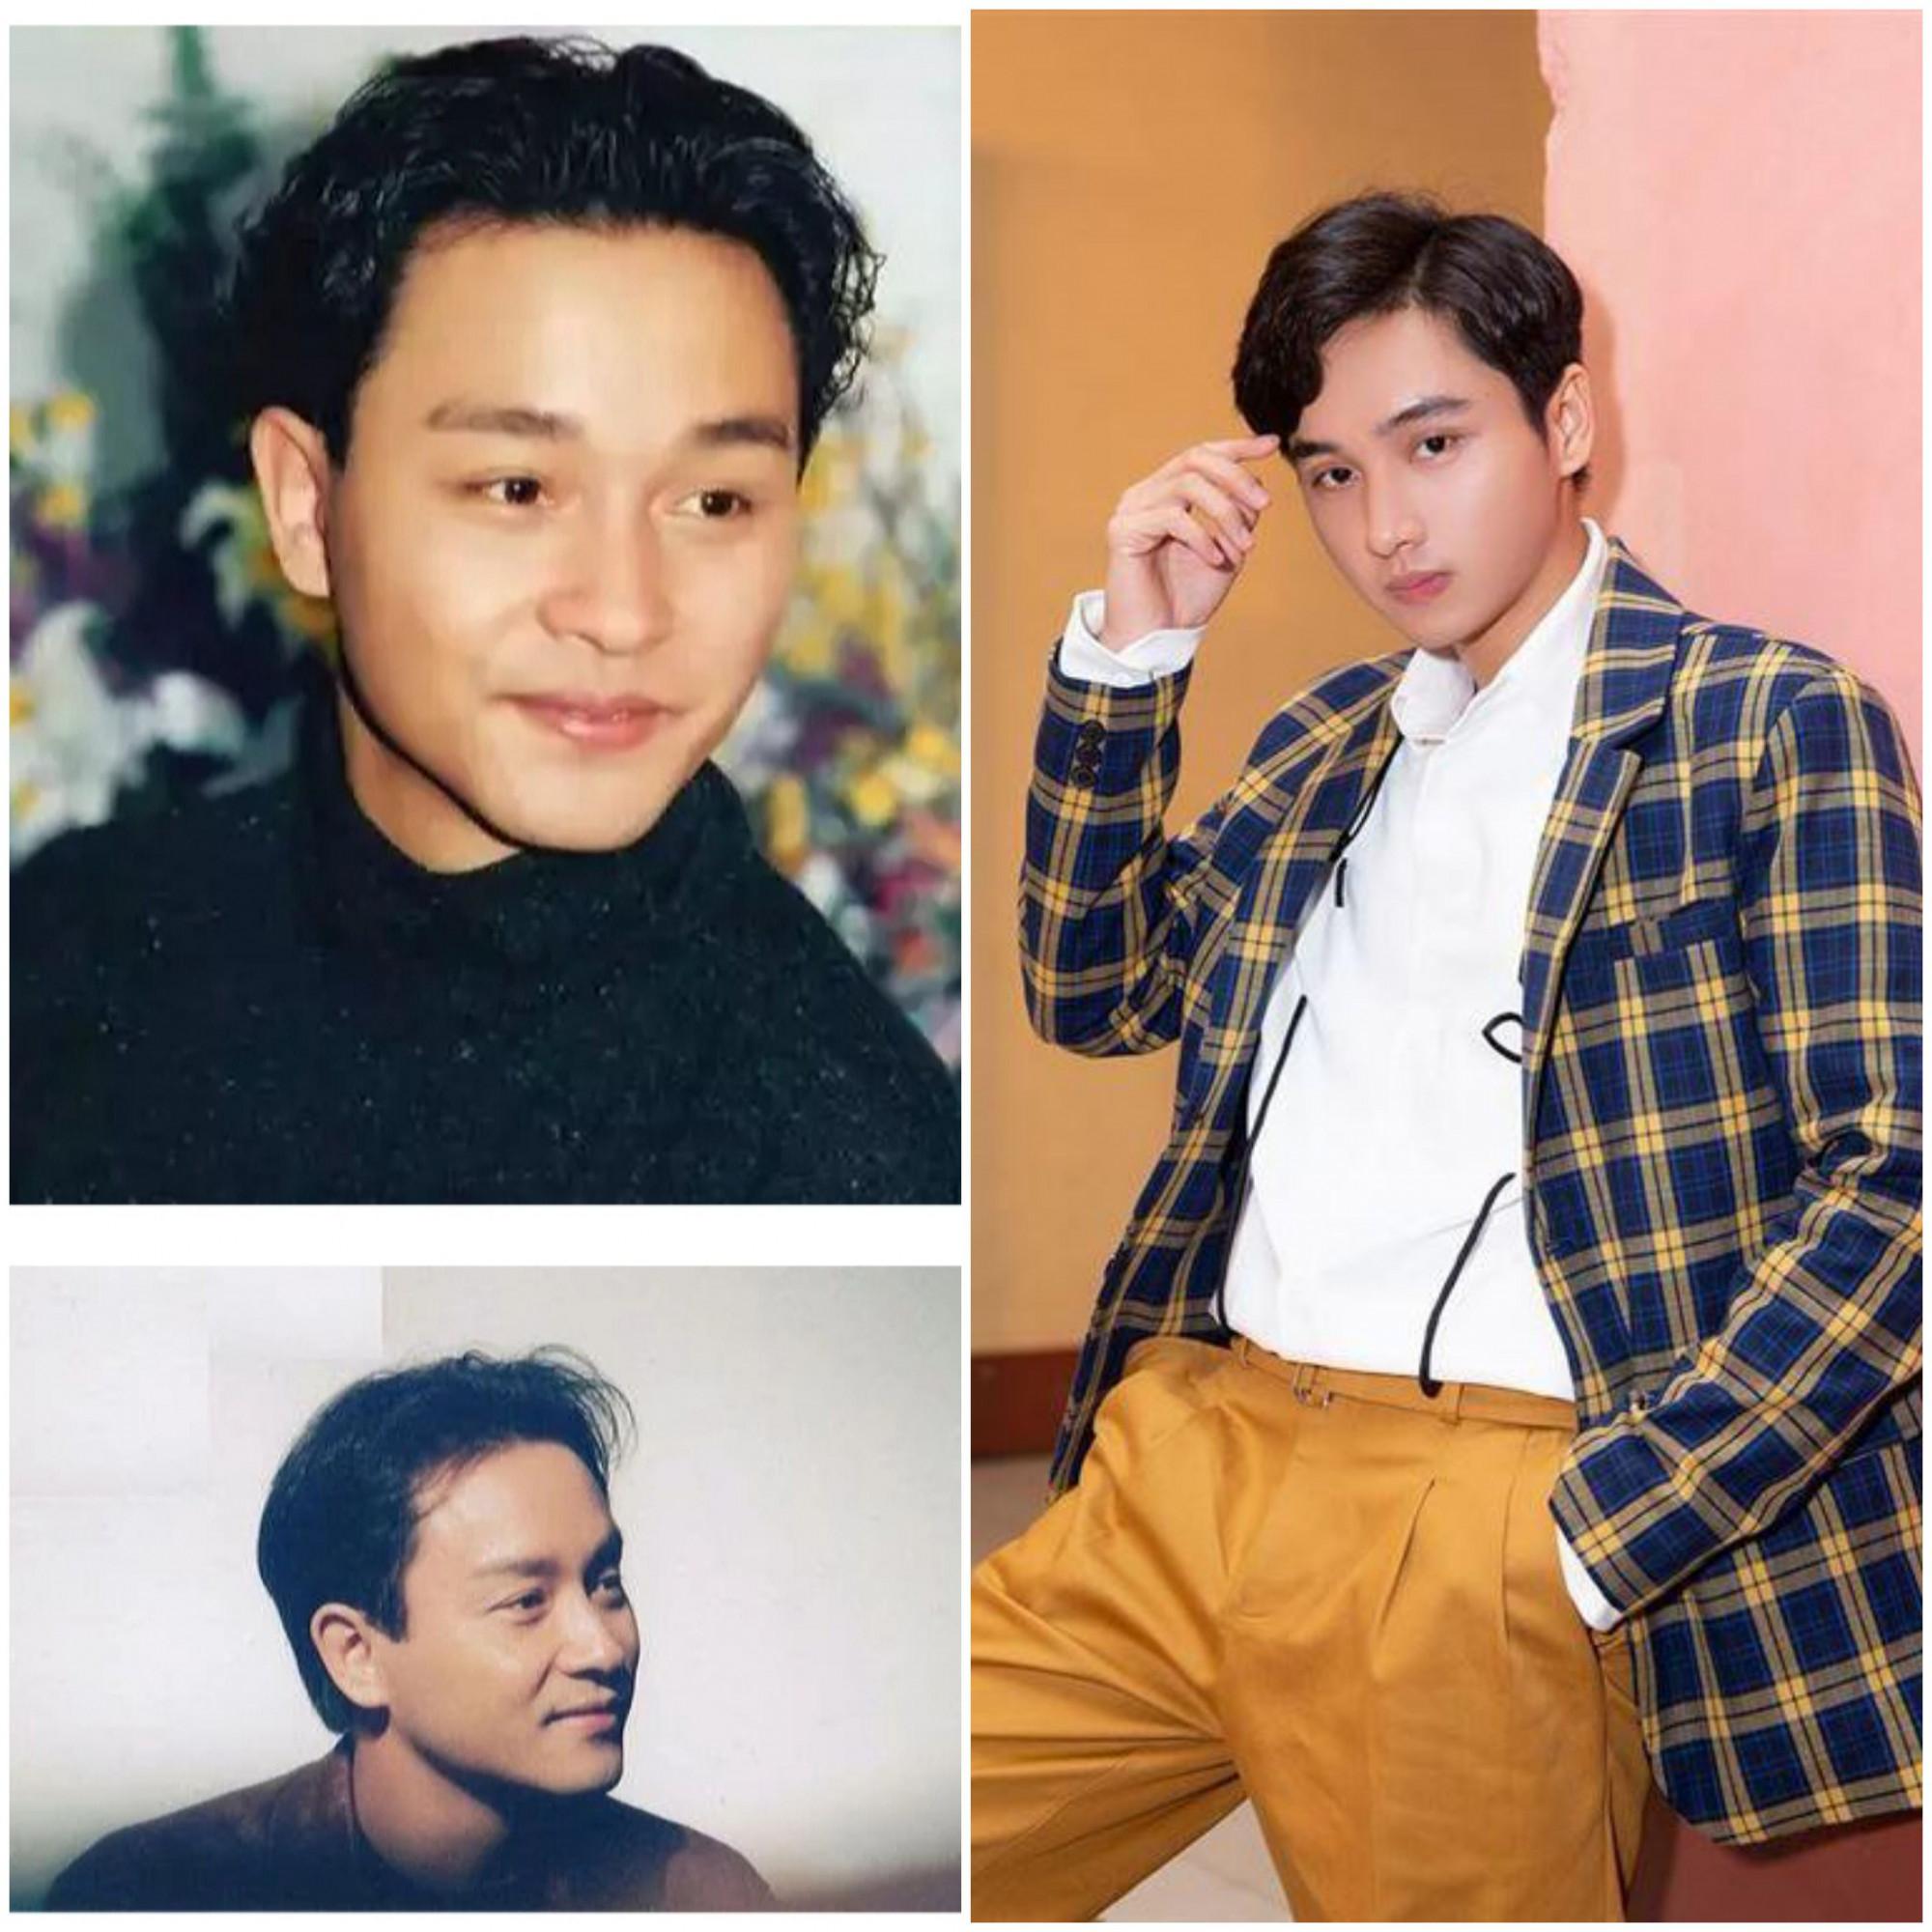 Cố diễn viên nổi tiếng Hong Kong Trương Quốc Vinh và Trịnh Tài được nhận xét gương mặt có nhiều điểm tương đồng.